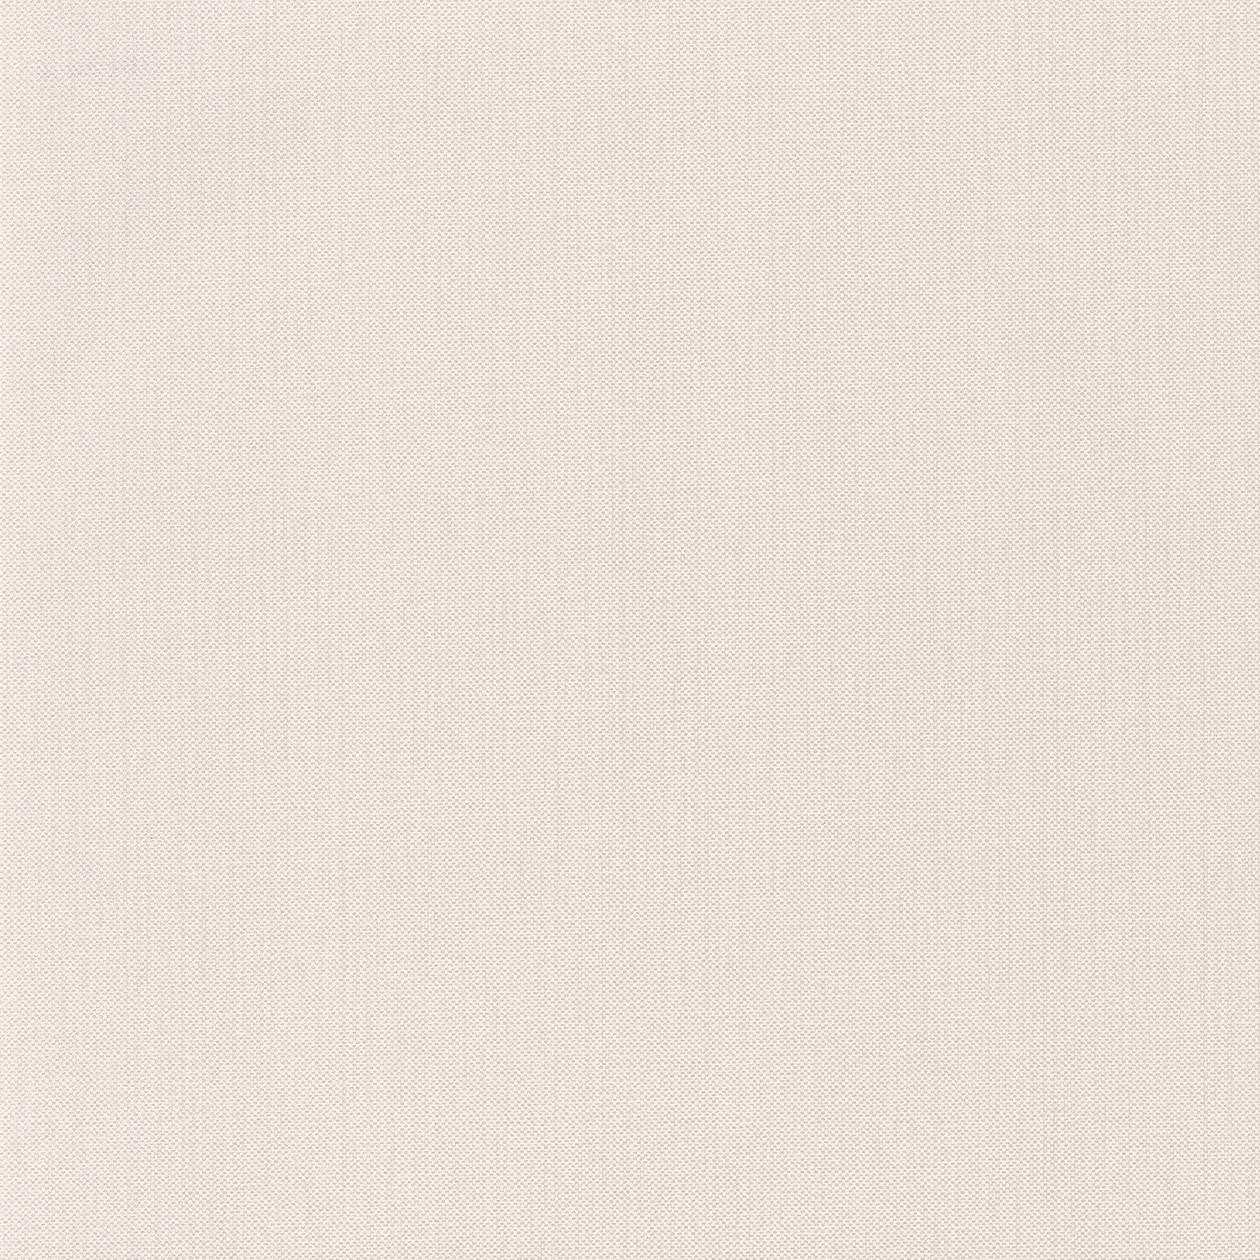 Обои Caselio Natte (53 см) 101561600